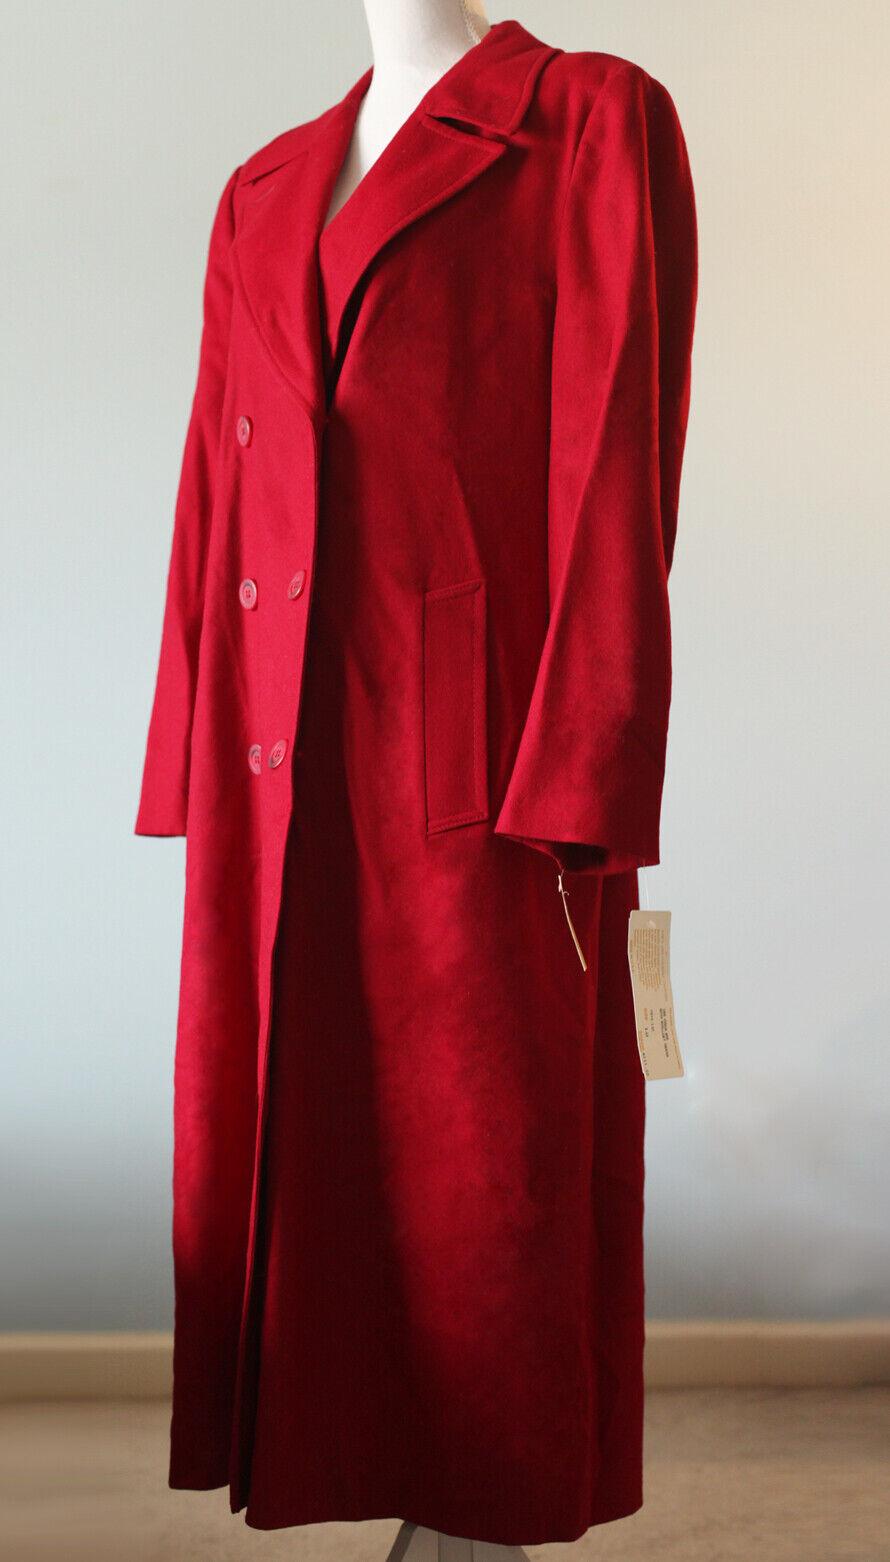 Lana Pendleton Rojo Nuevo con etiquetas lana virgen para Mujer  Chaquetón Nuevo Tamaño 12  distribución global